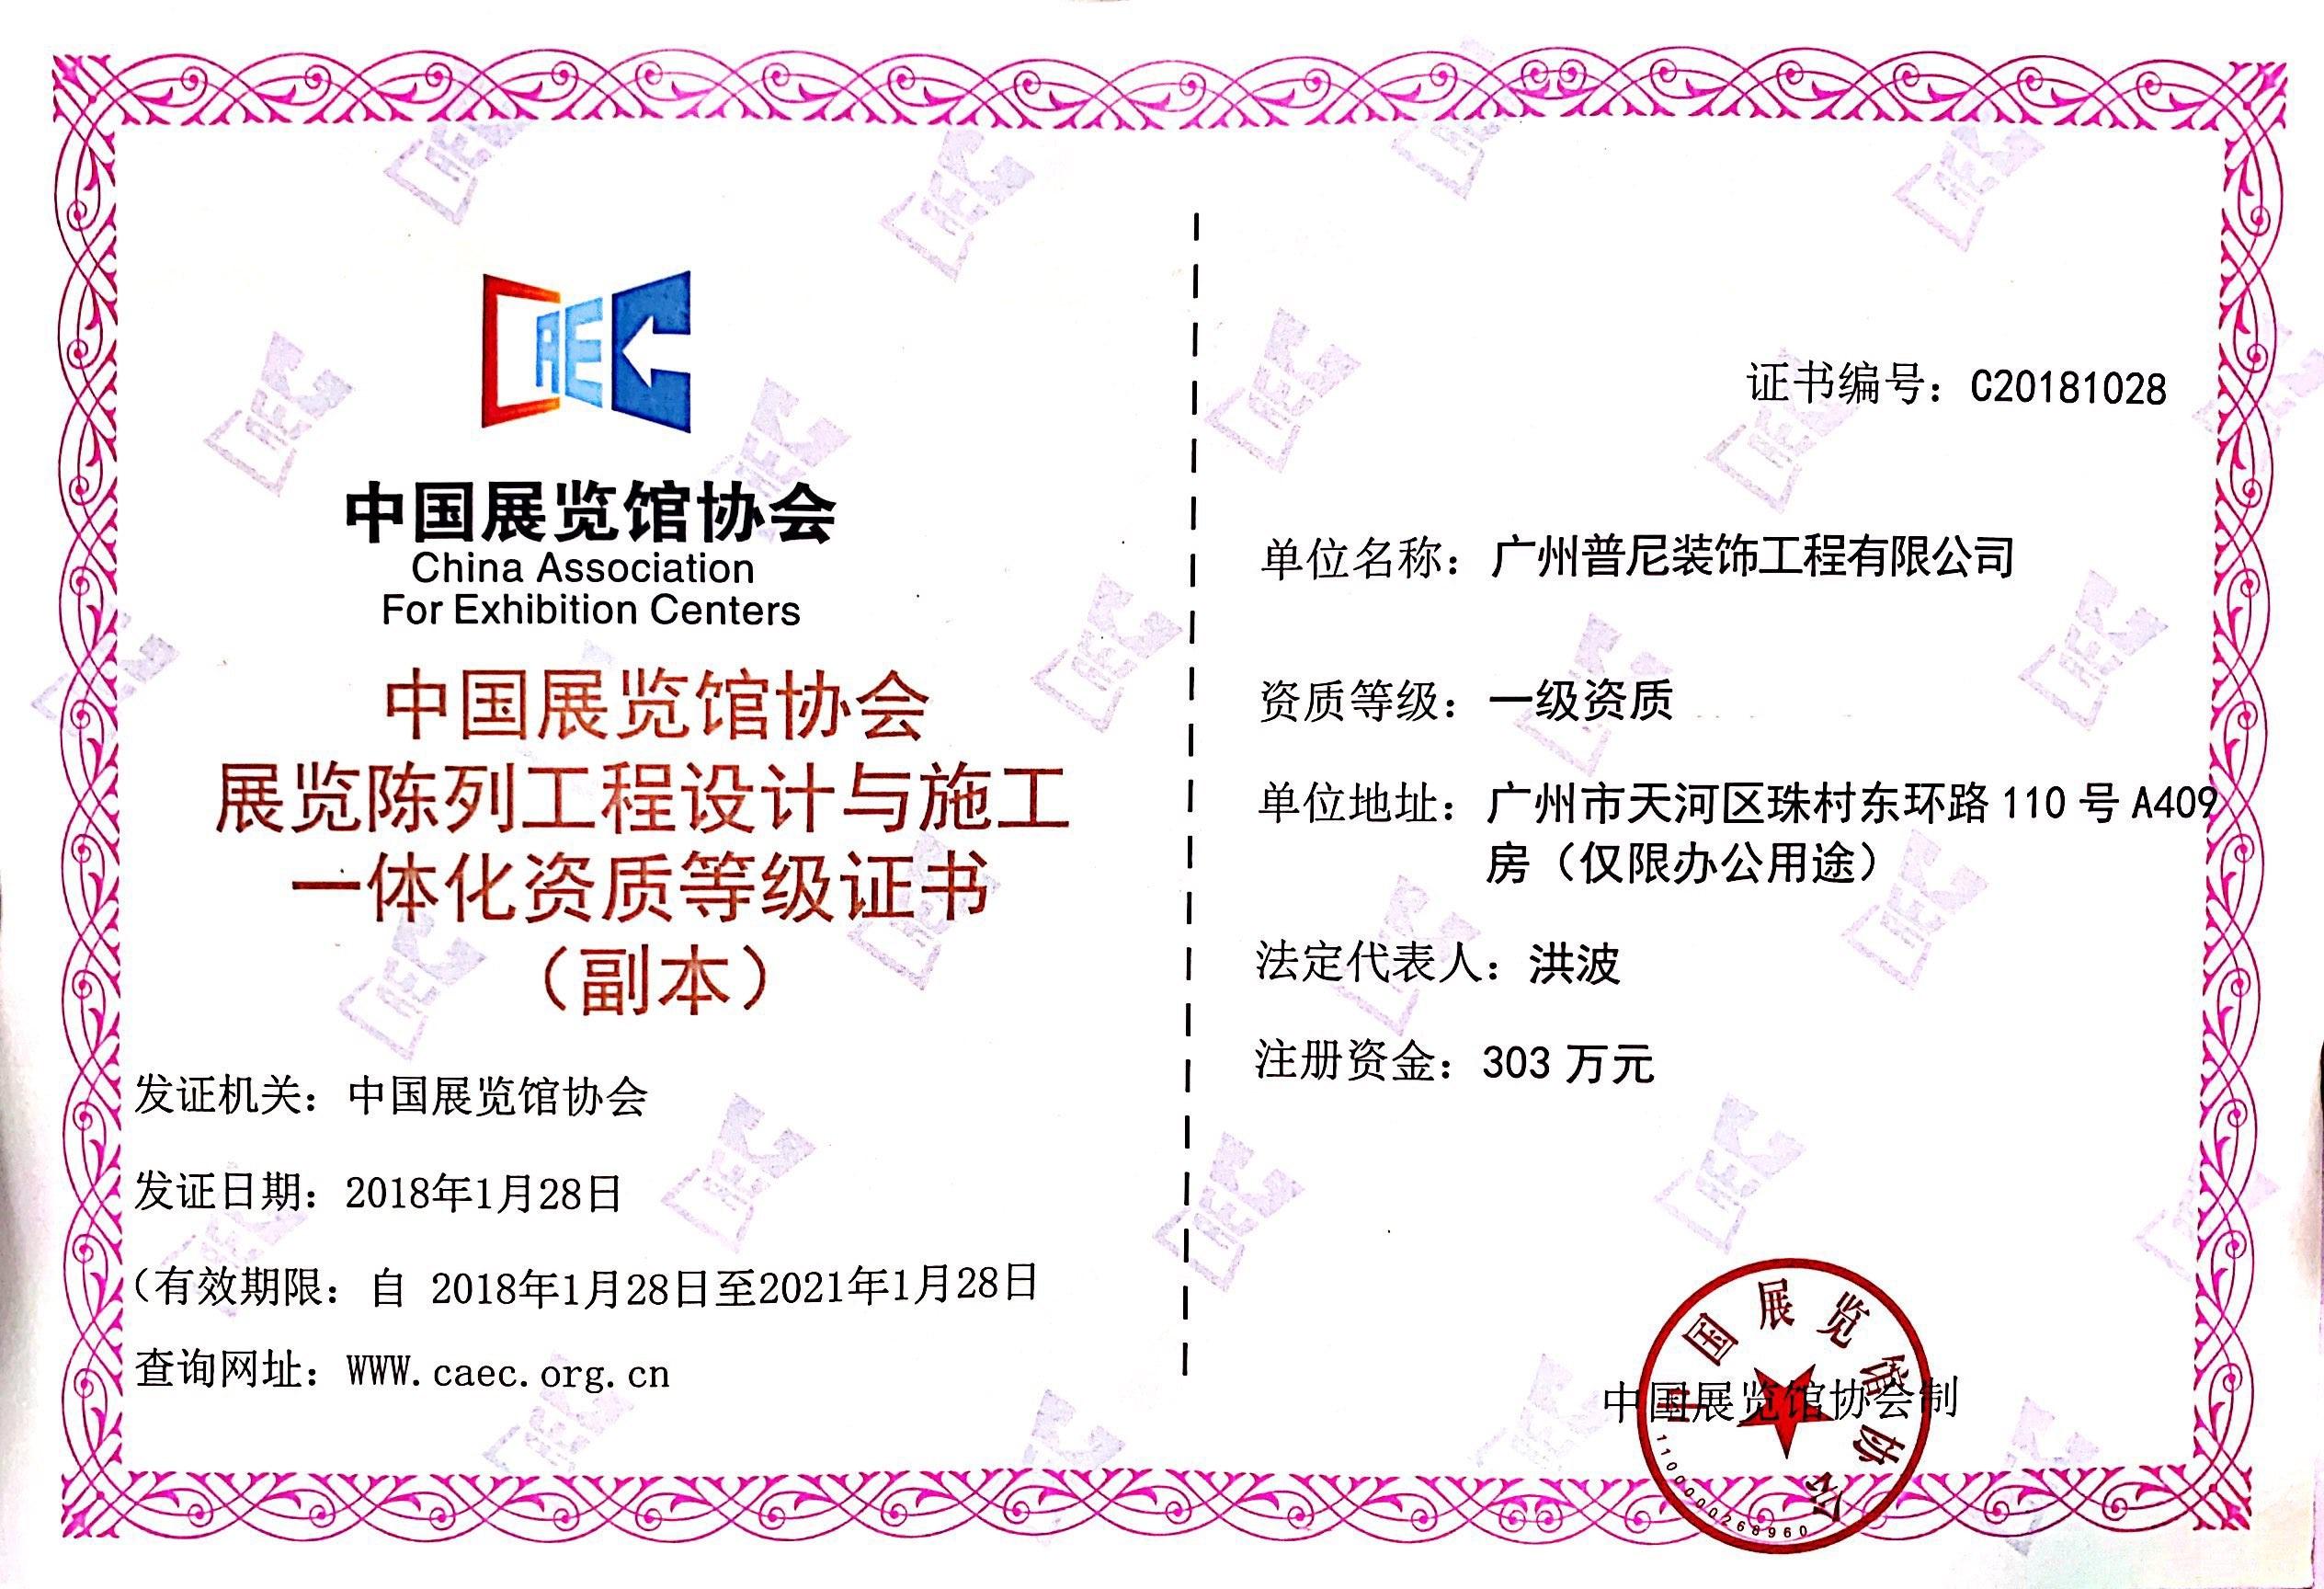 中国展览馆协会展览陈列工厂设计施工一体化资质企业